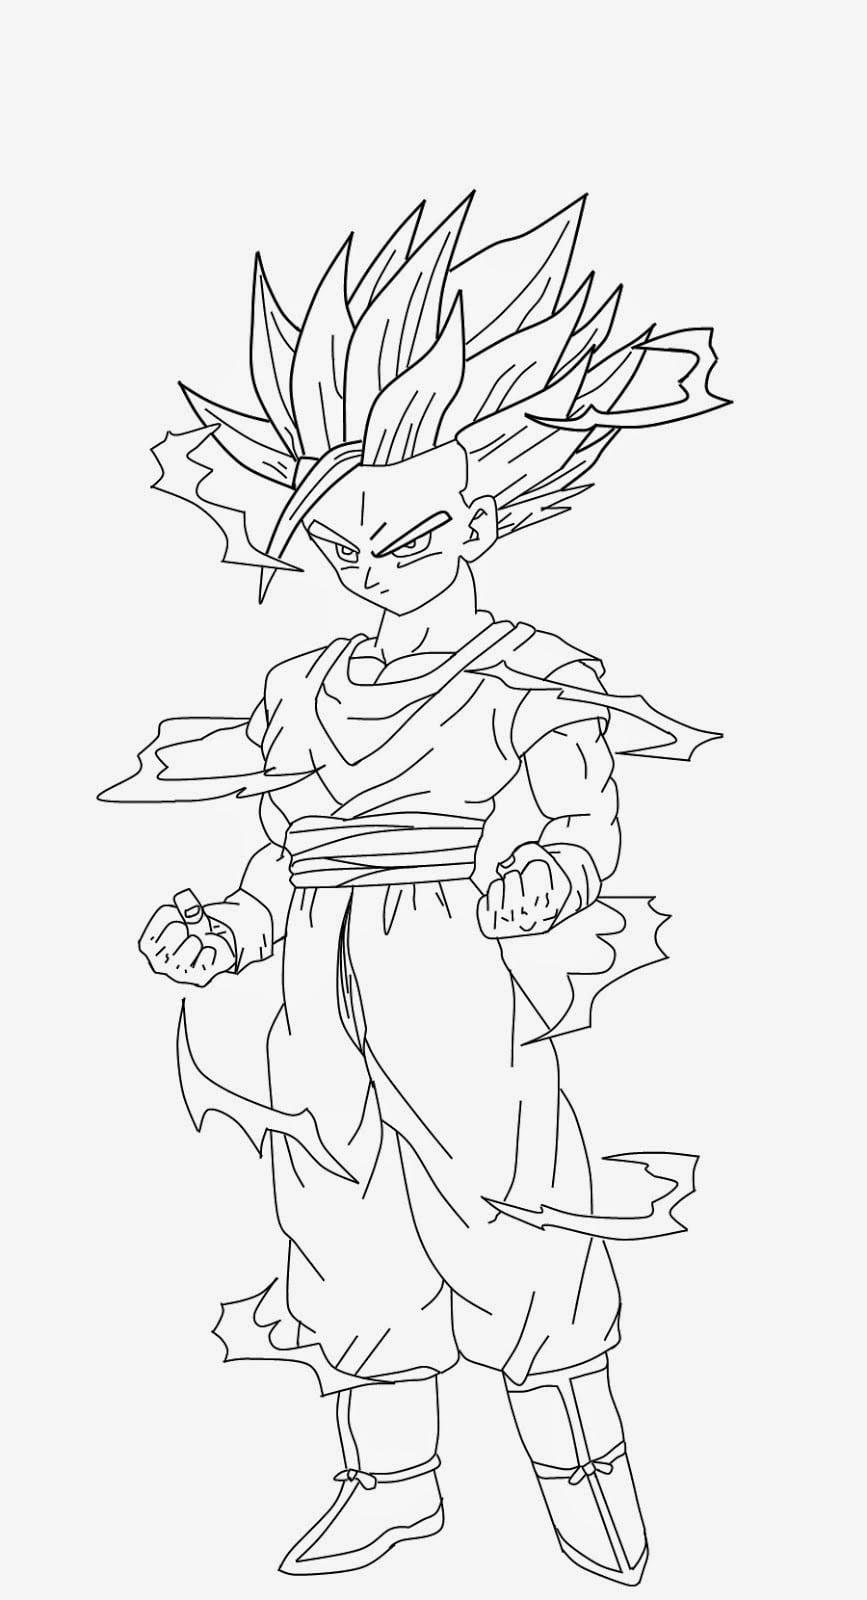 BaÚ Da Web  Desenhos De Dragon Ball Z Para Colorir, Pintar